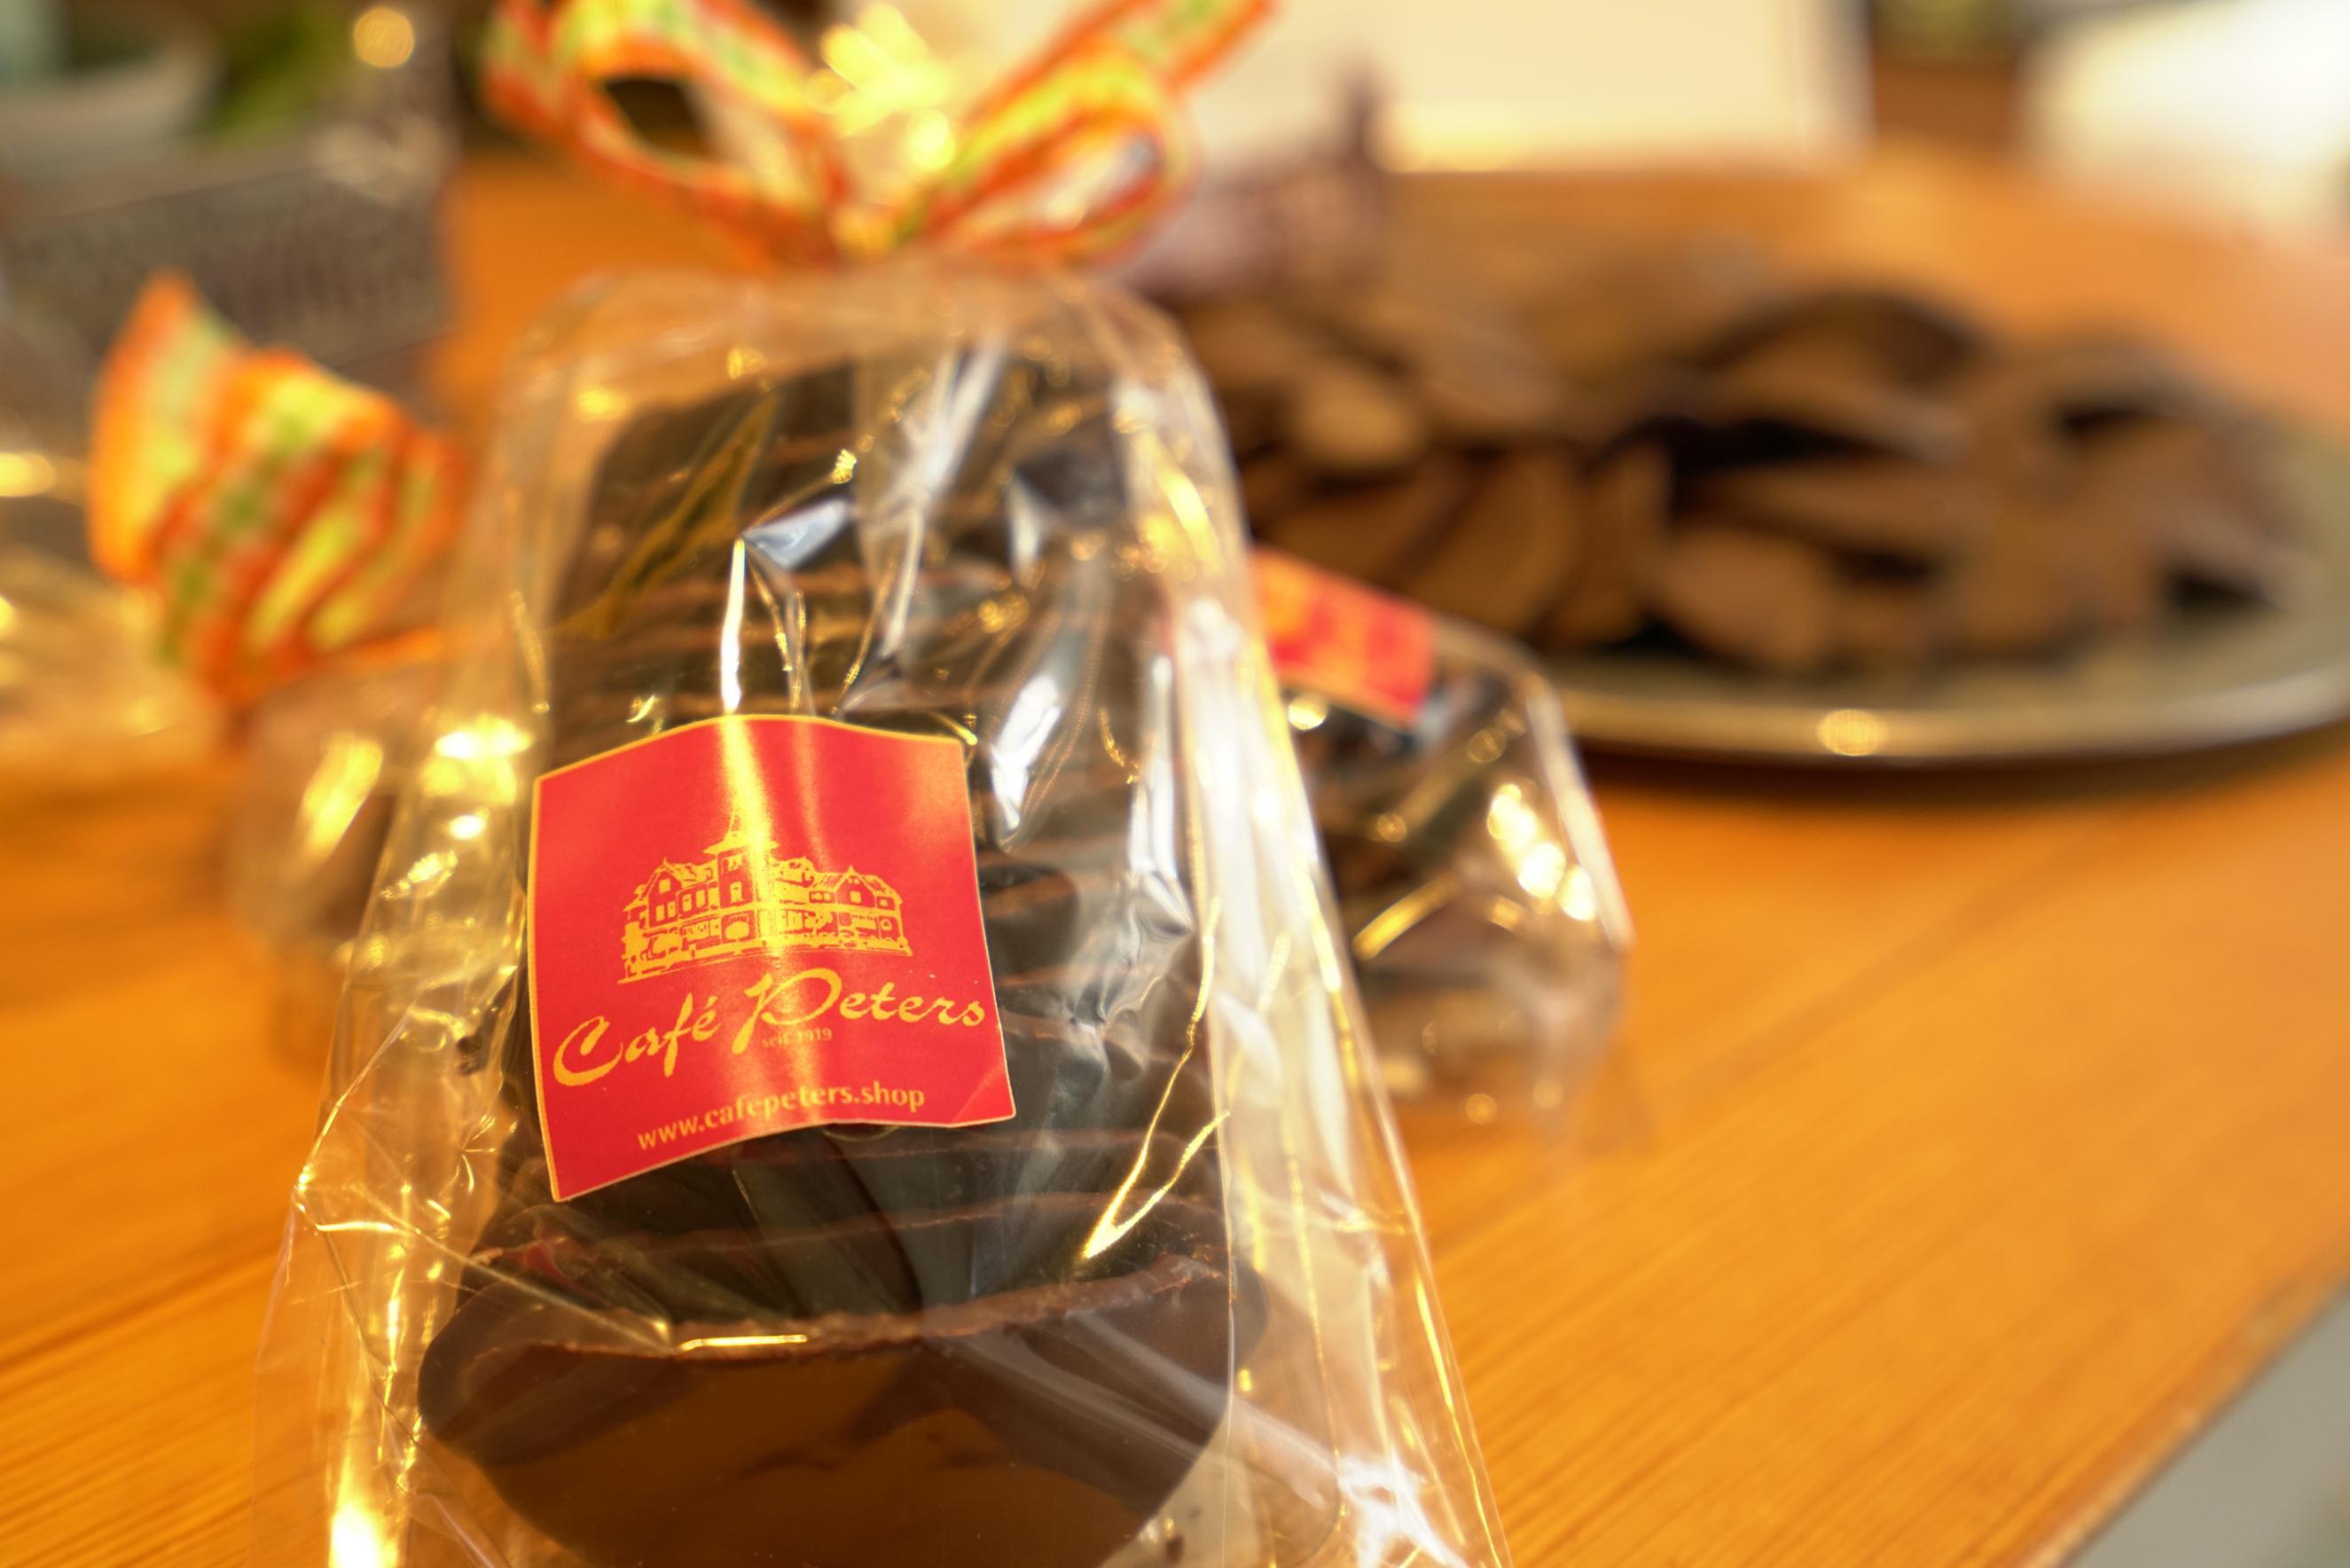 Café Peters - verpackte Sponblätter